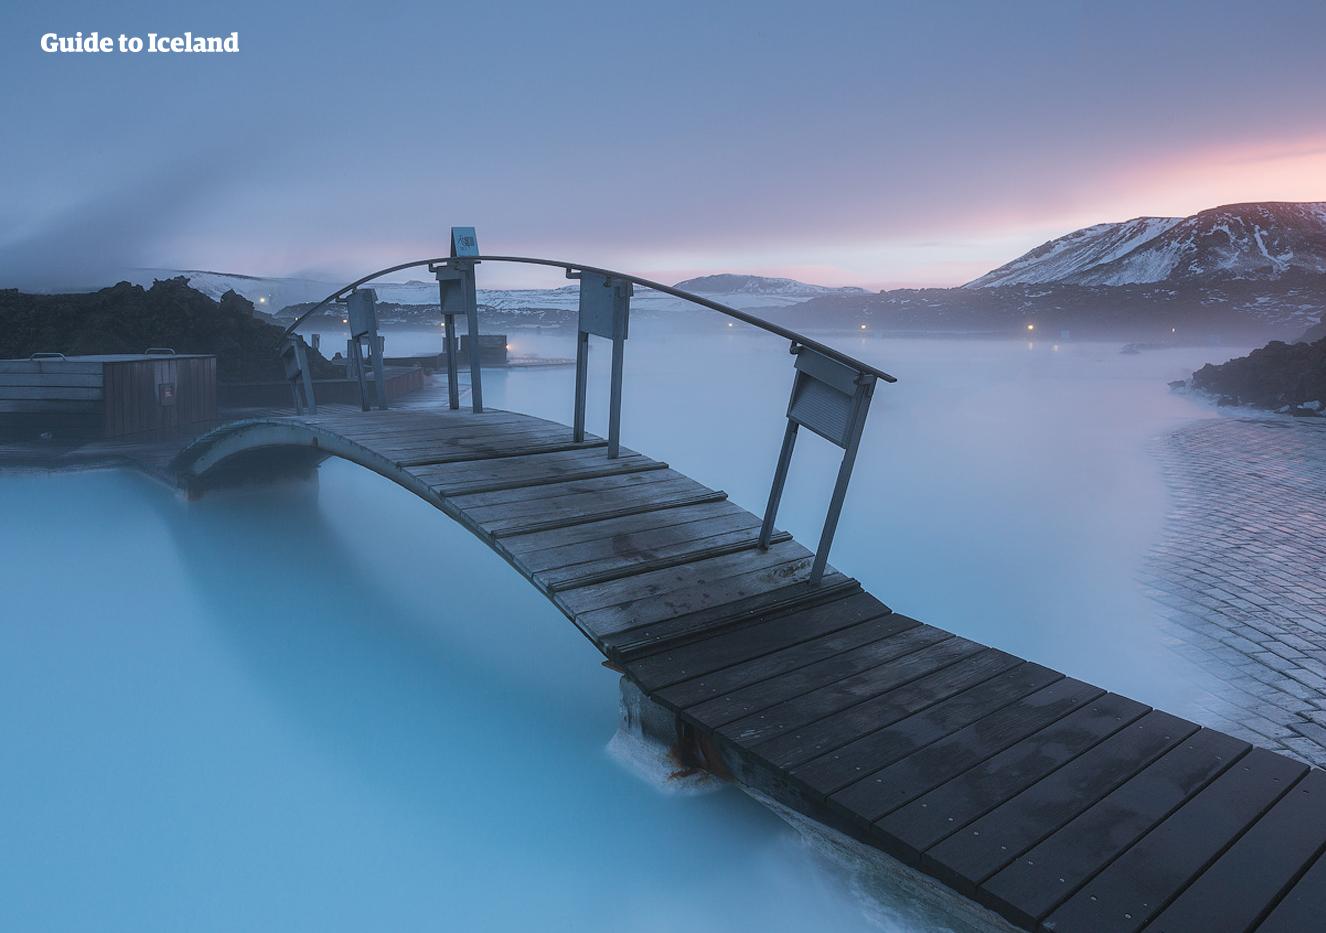 Avsluta ditt äventyr på Island på bästa sätt med ett bad i Blå lagunens geotermiska spa.